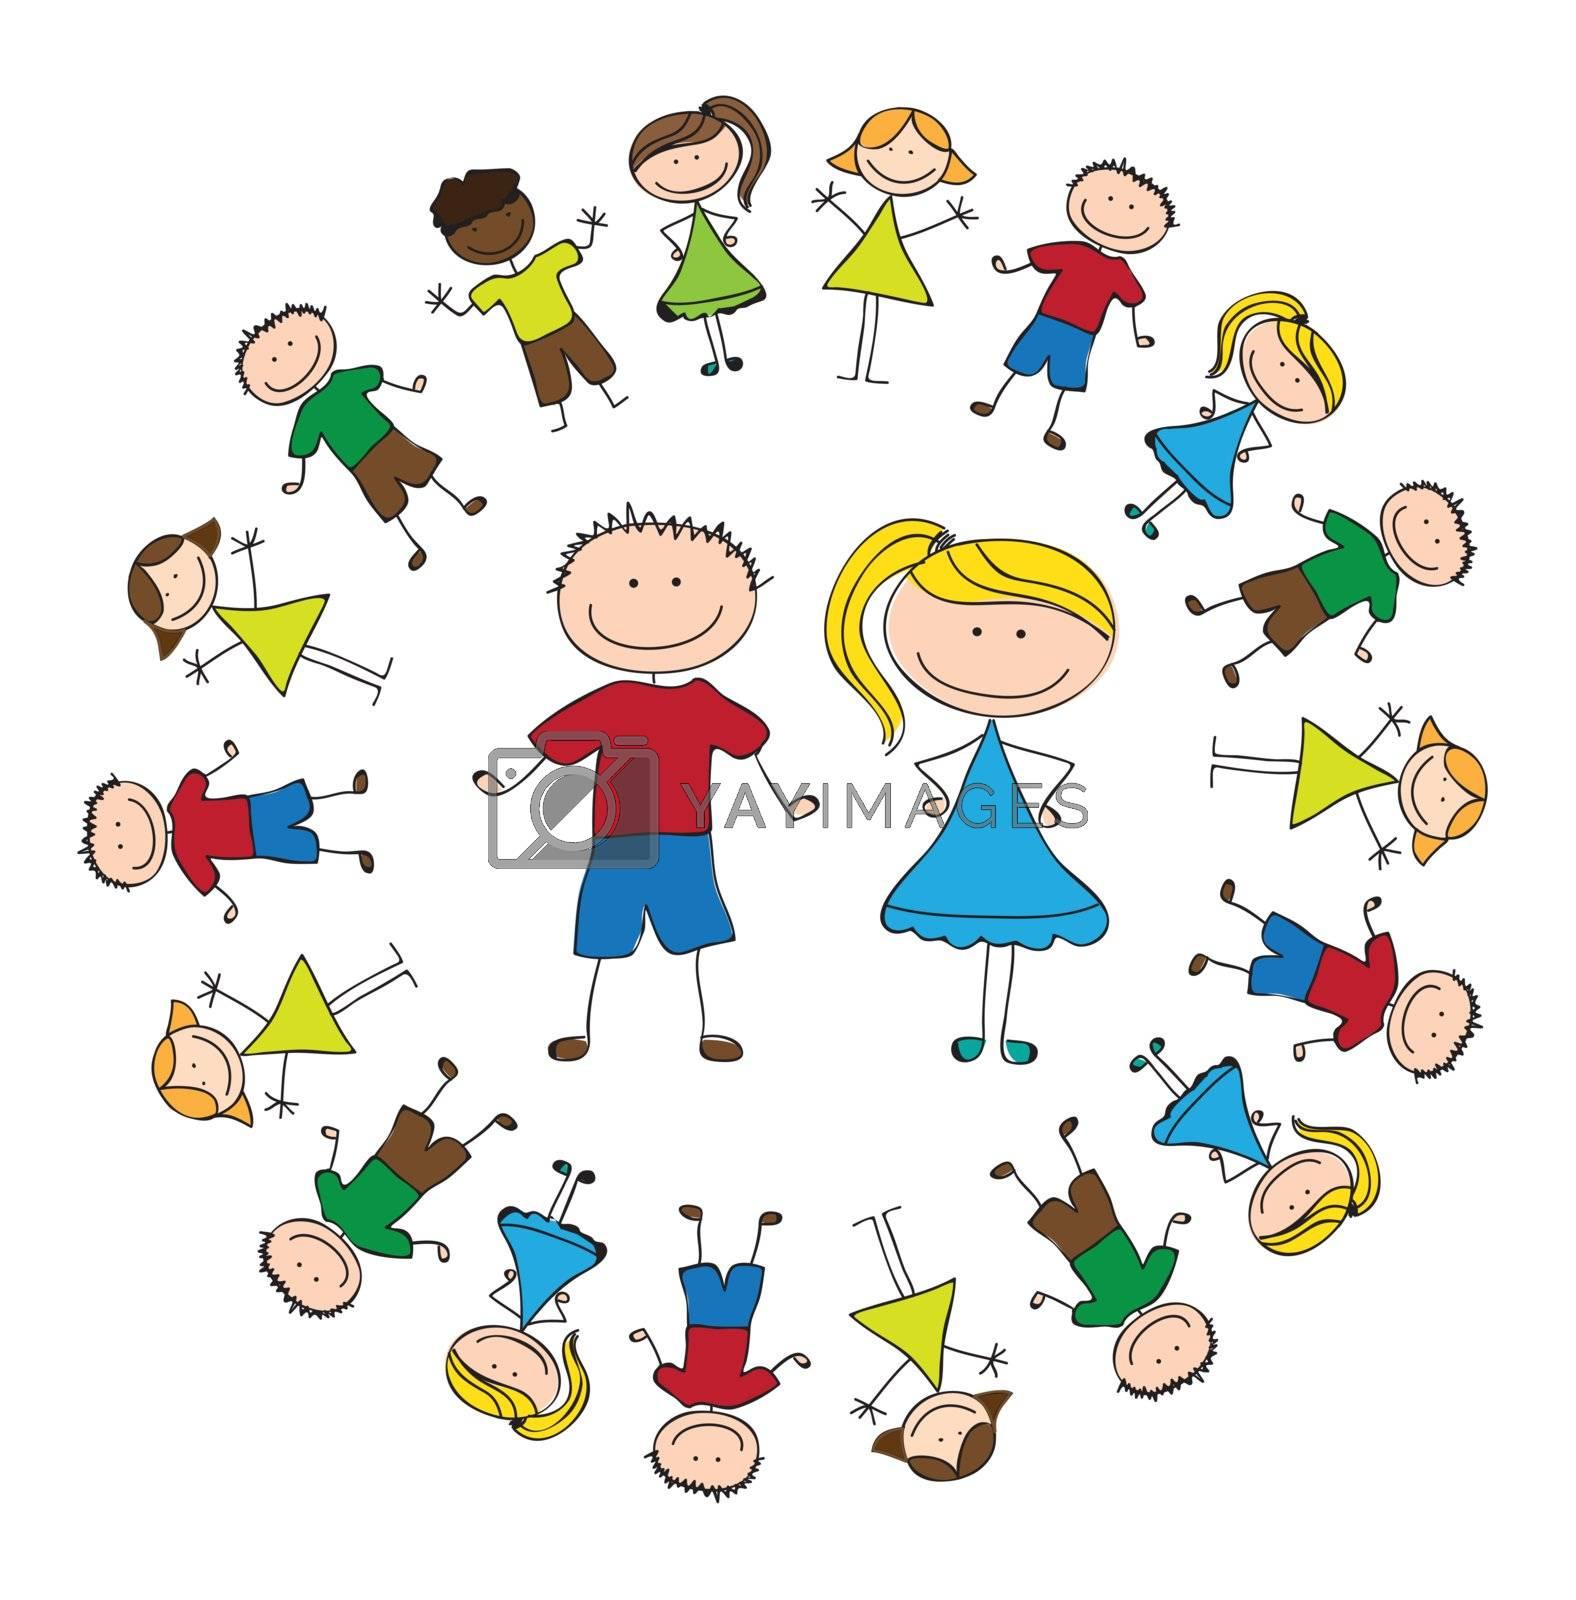 united childrens over white background vector illustration